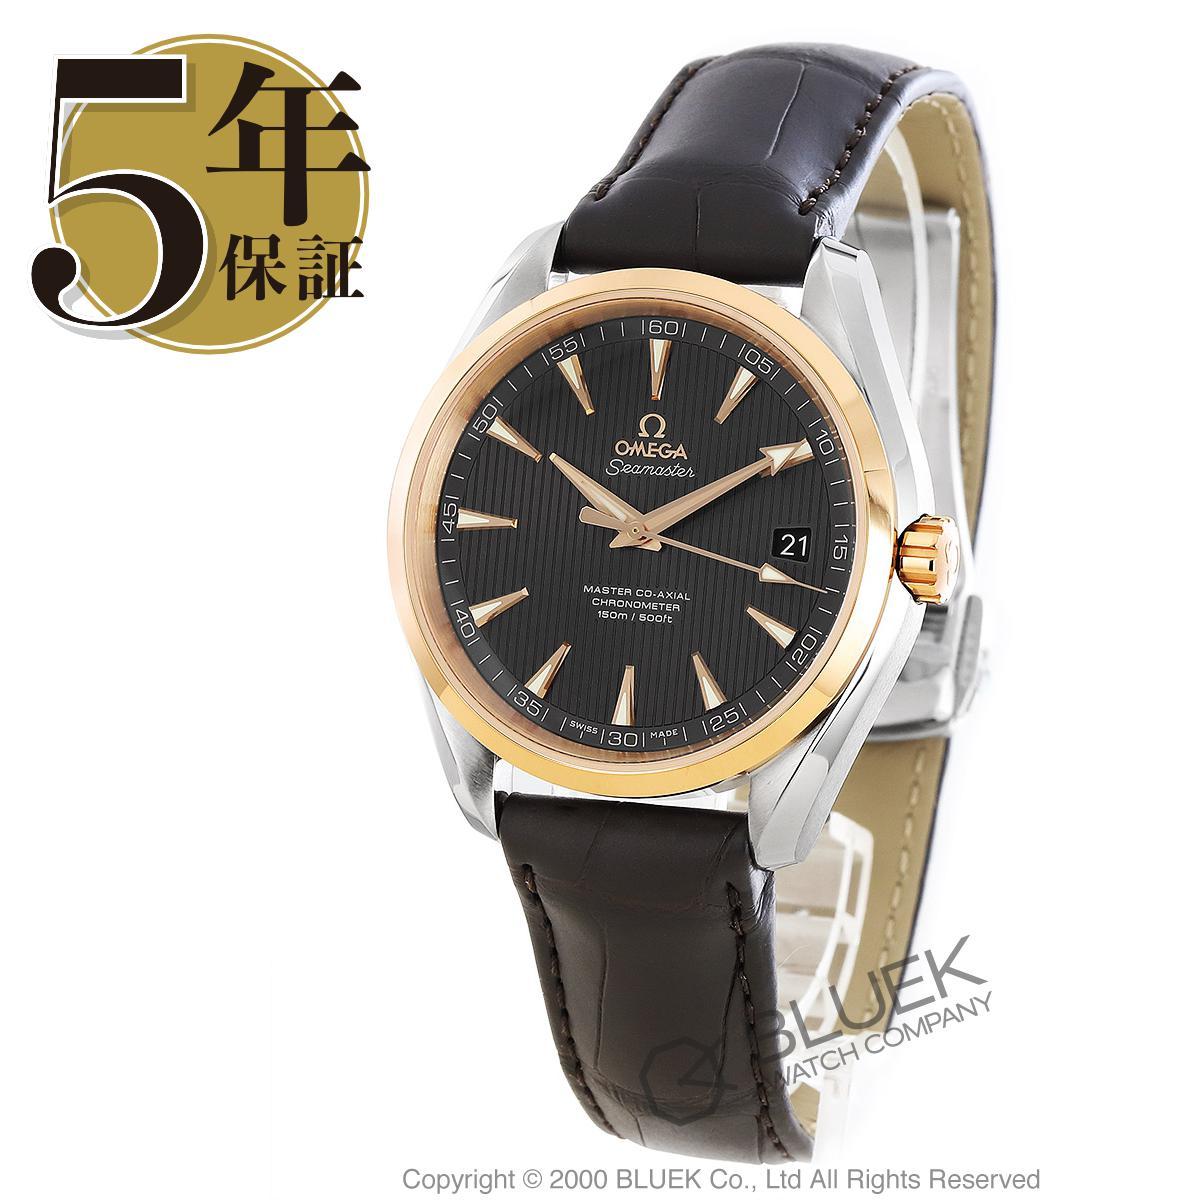 オメガ シーマスター アクアテラ アリゲーターレザー 腕時計 メンズ OMEGA 231.23.42.21.06.003_8